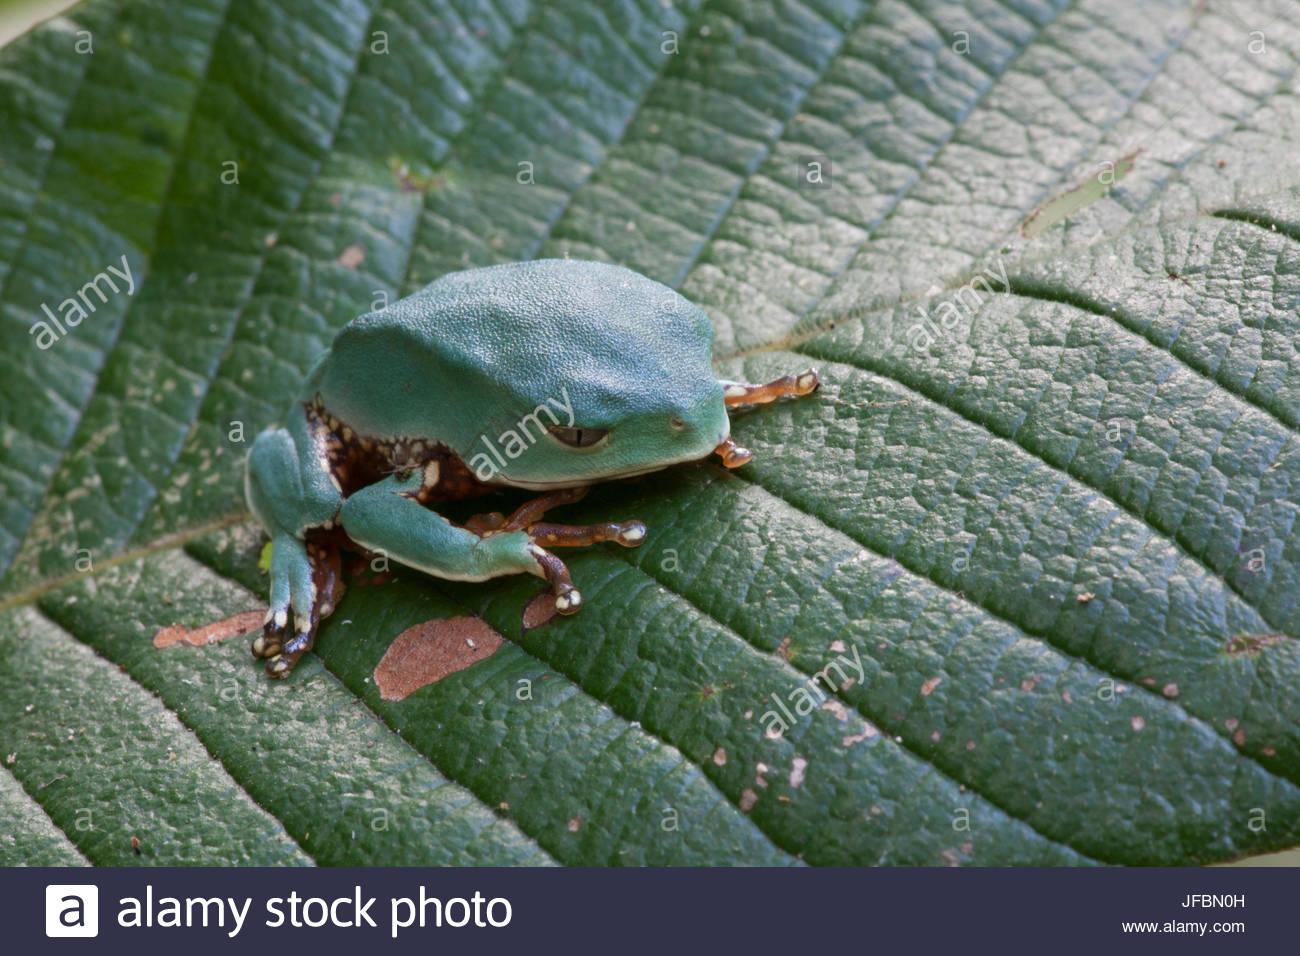 Una scimmia rana Phyllomedusa specie su una foglia nella foresta amazzonica. Immagini Stock